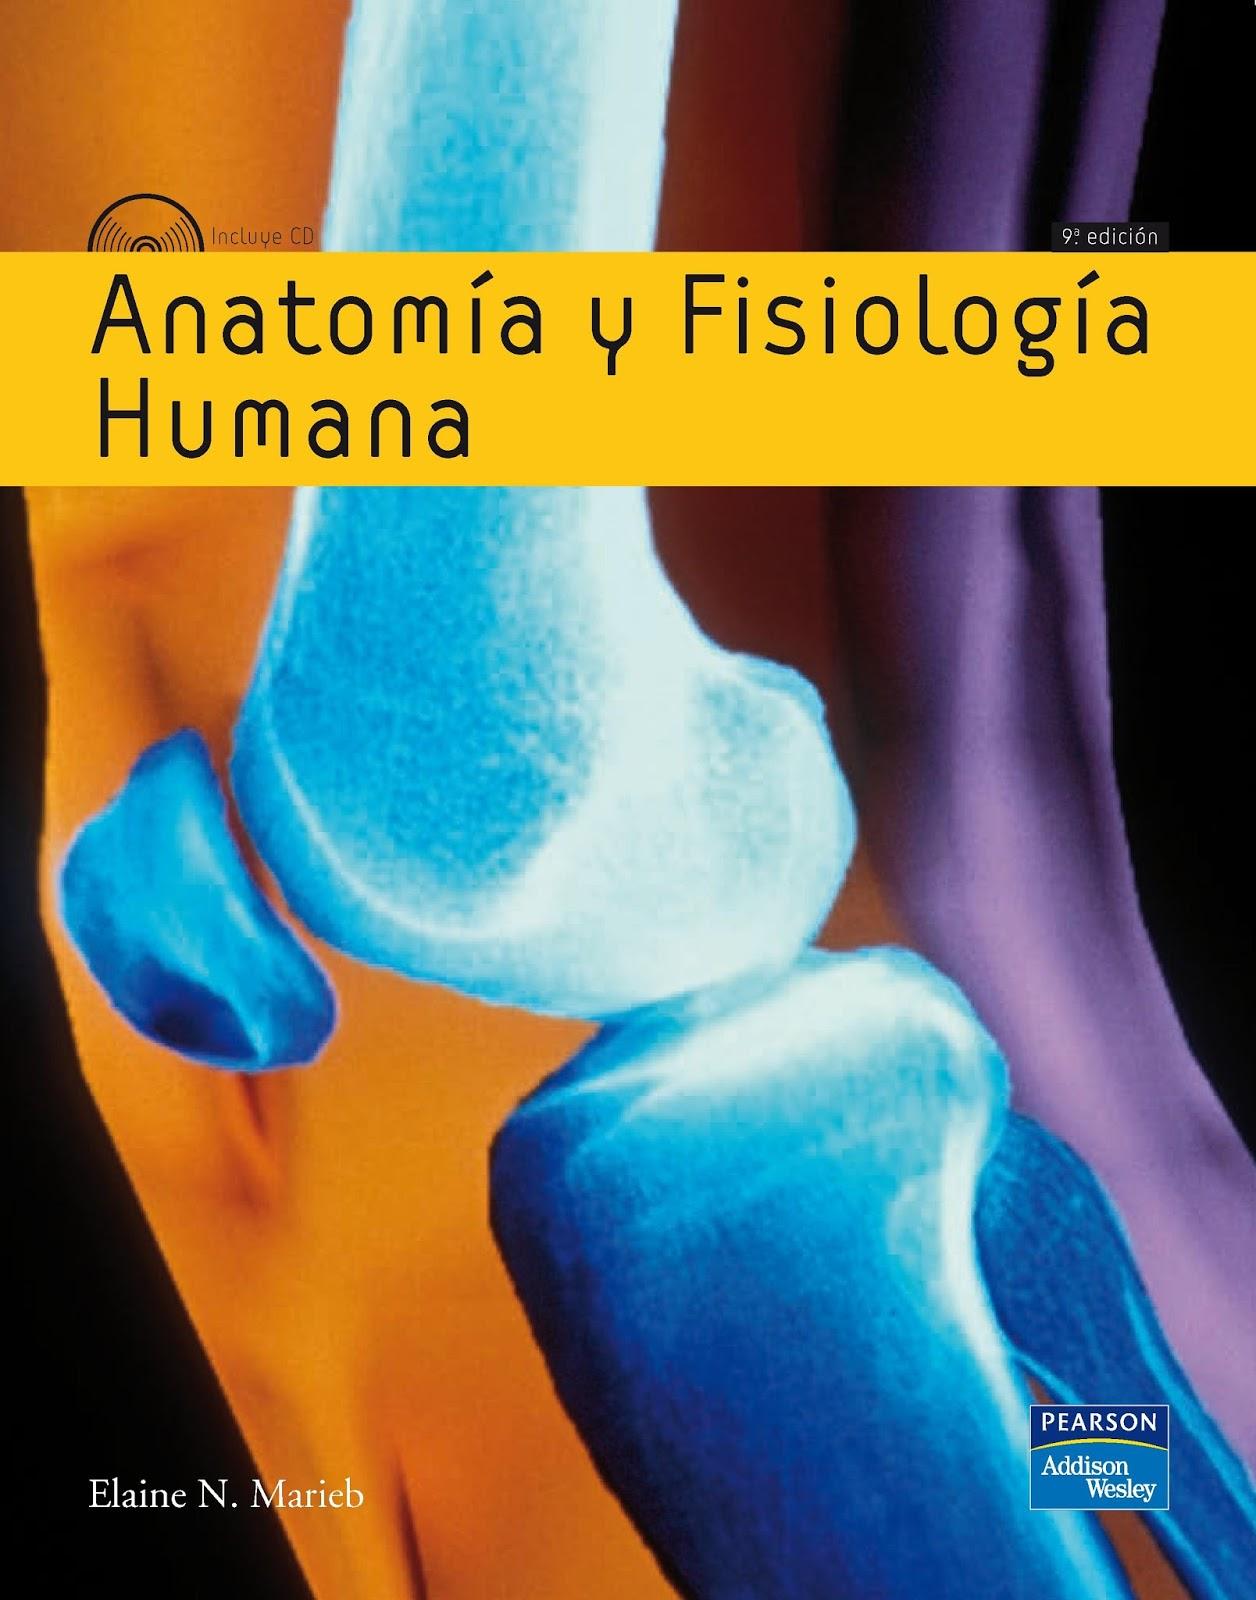 Anatomía y fisiología Humana, 9na. Edición – Elaine N. Marieb